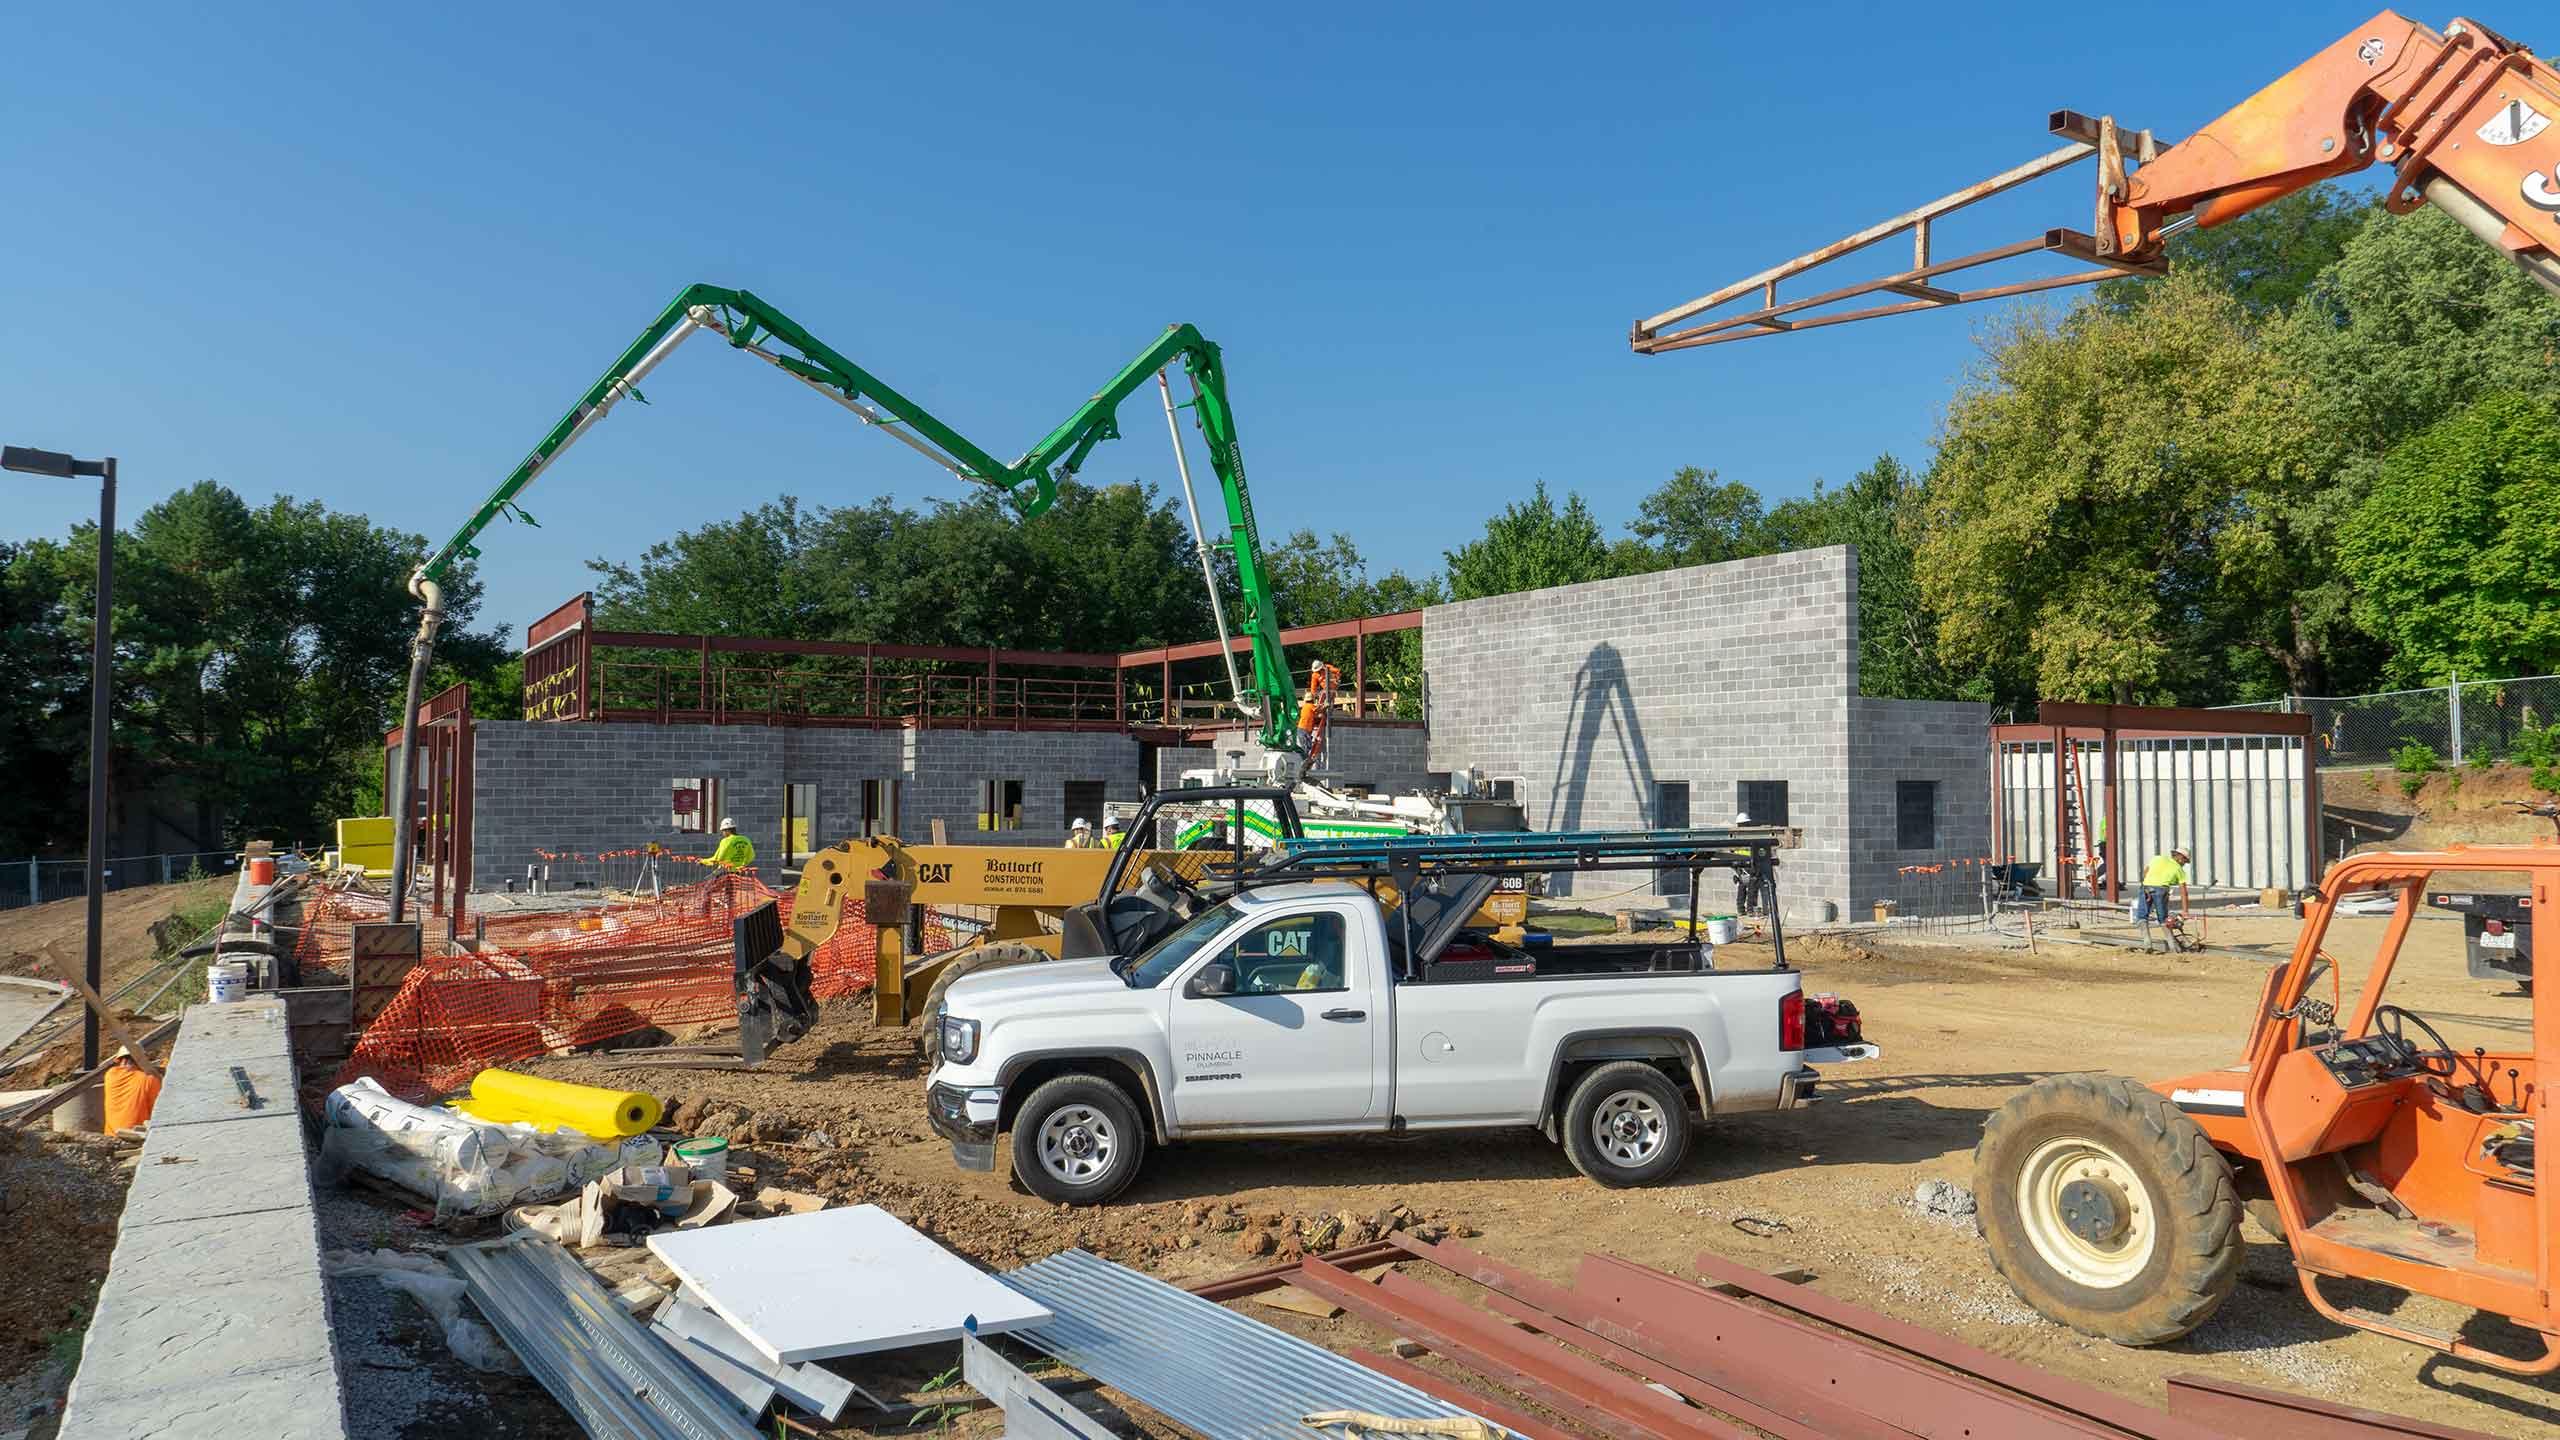 Prairie-Village-Fire-Station-23-Work-In-Progress